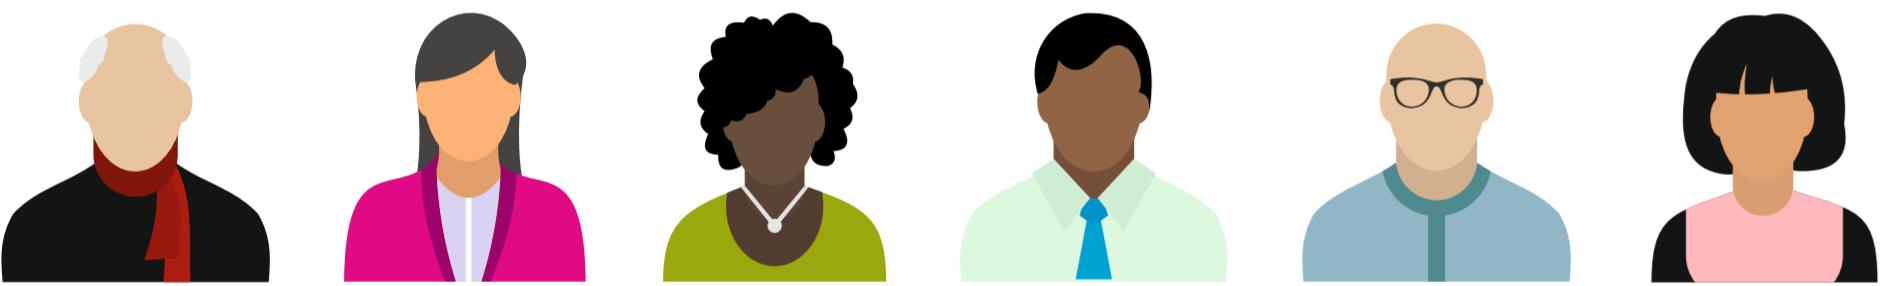 Icones personnes de profils variés